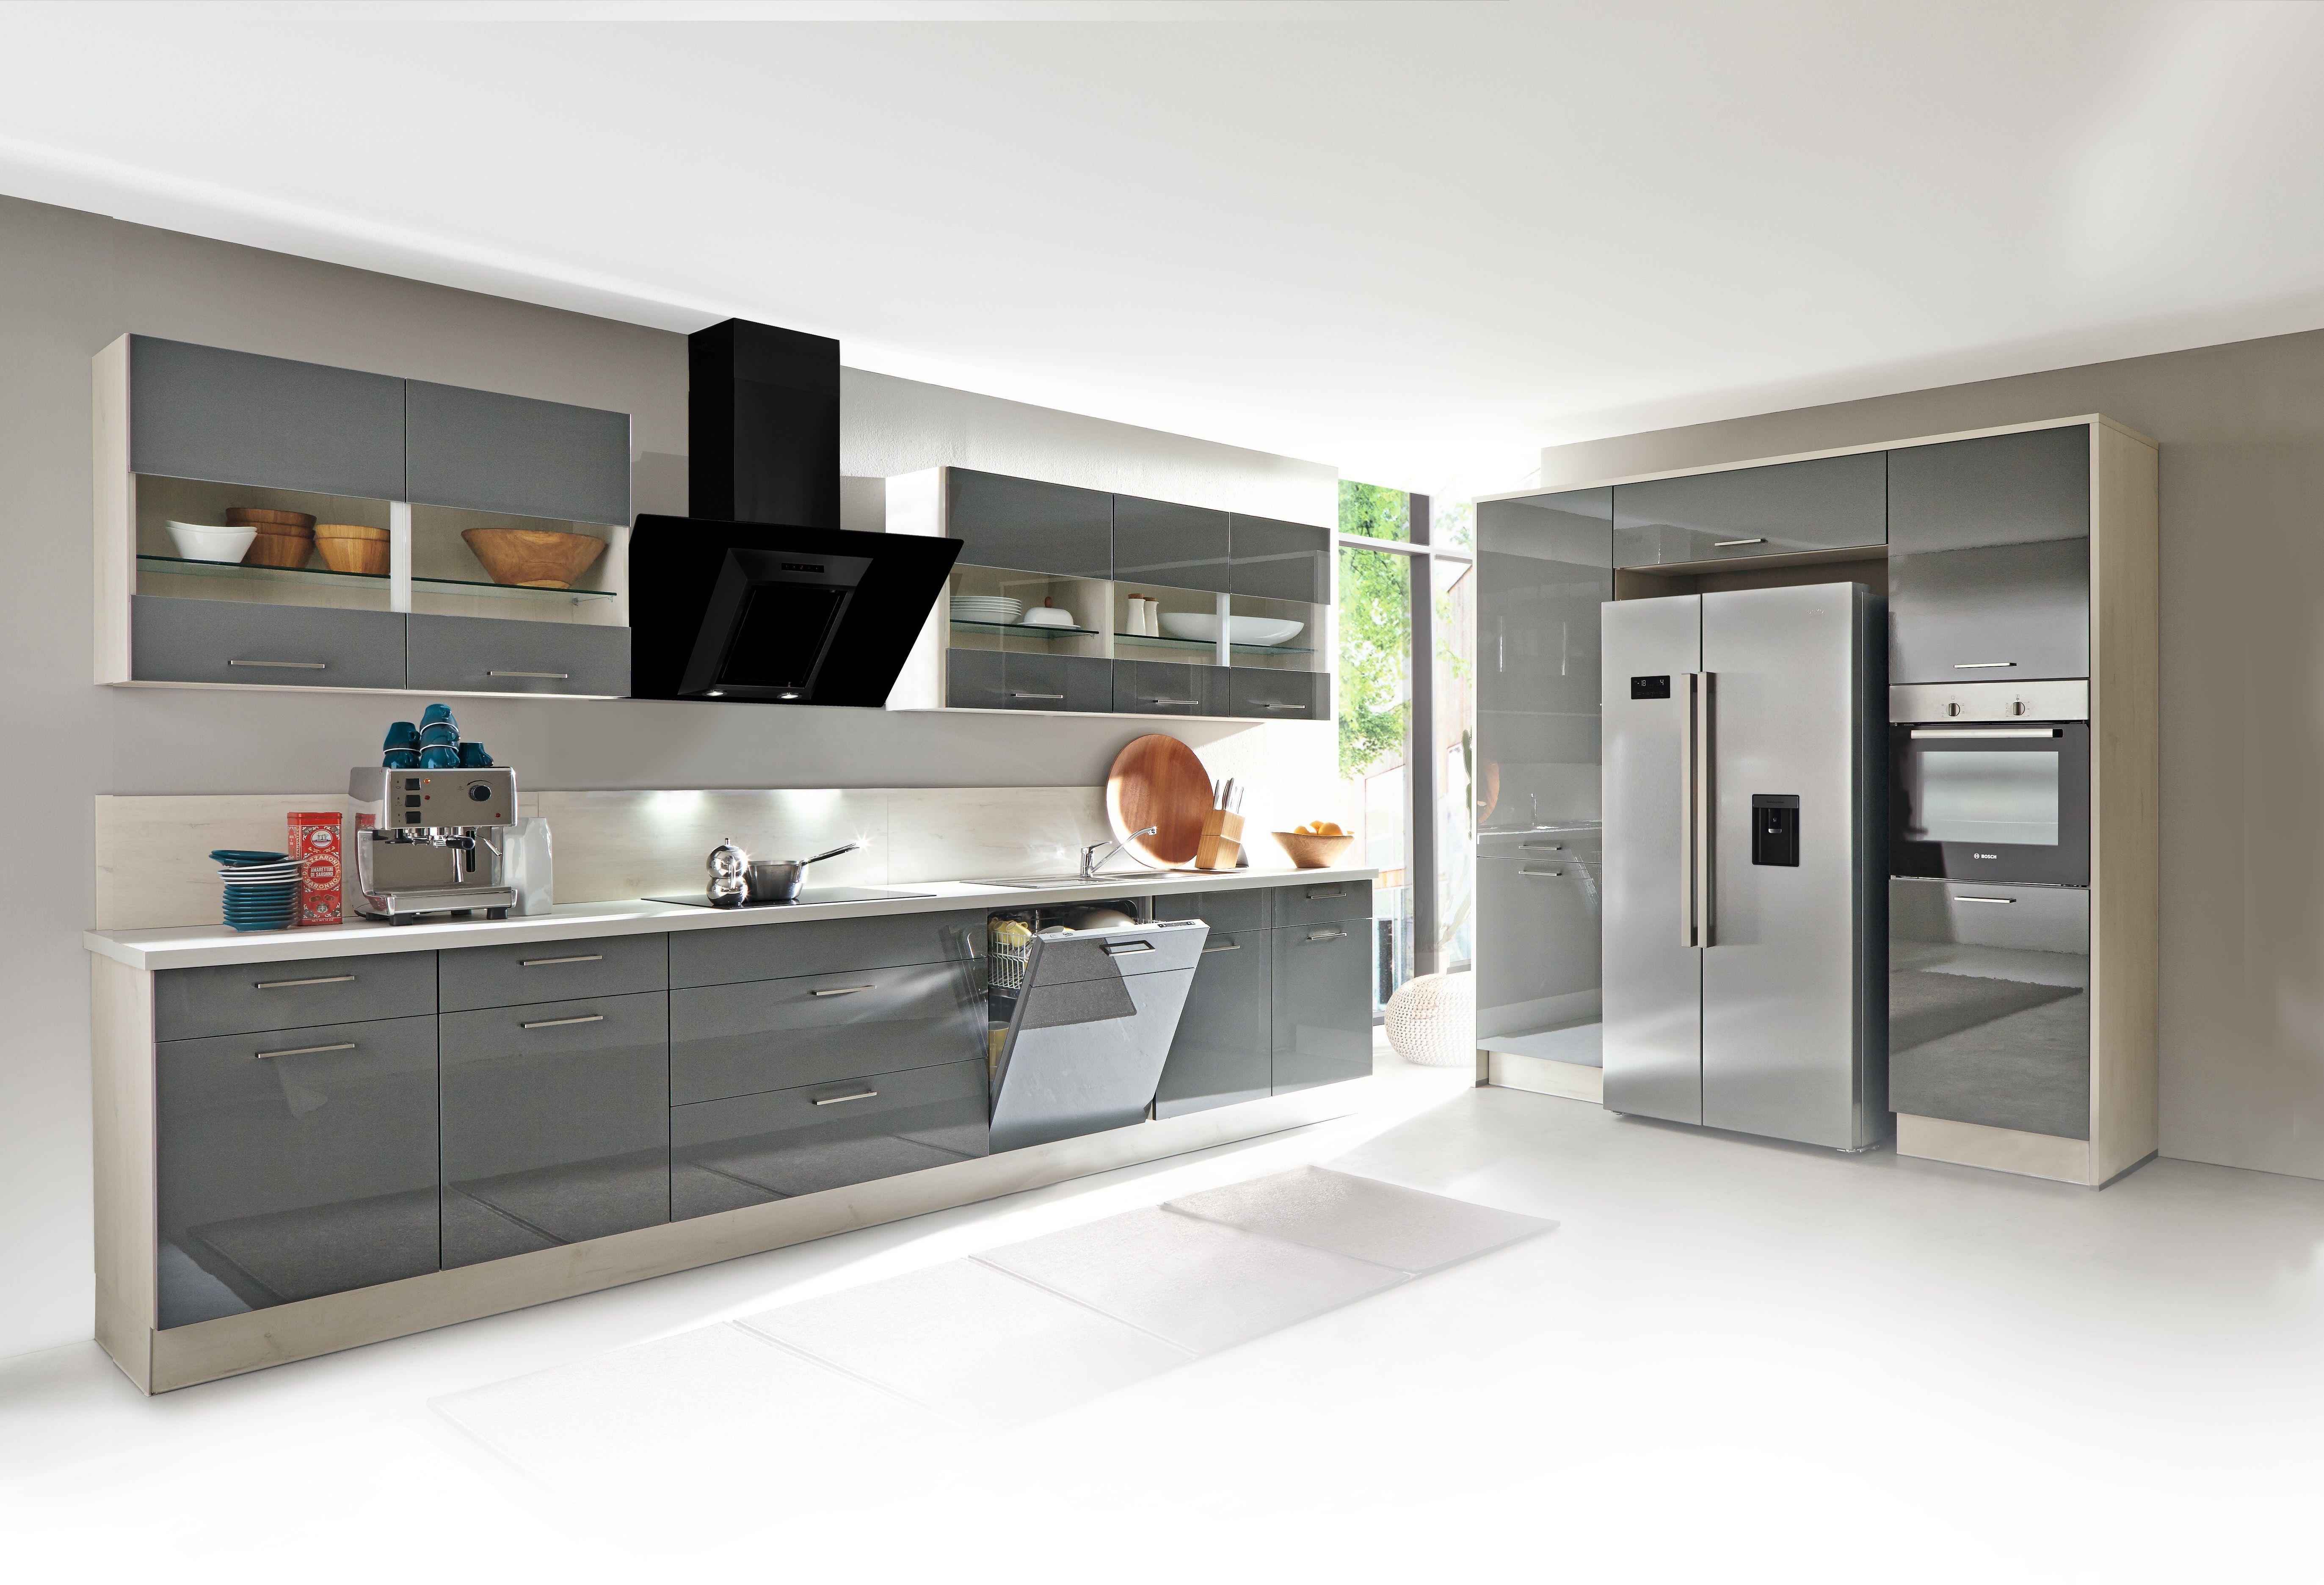 Side By Side Kühlschrank Quelle : Moderne küchen mit side by side kühlschrank amerikanischer